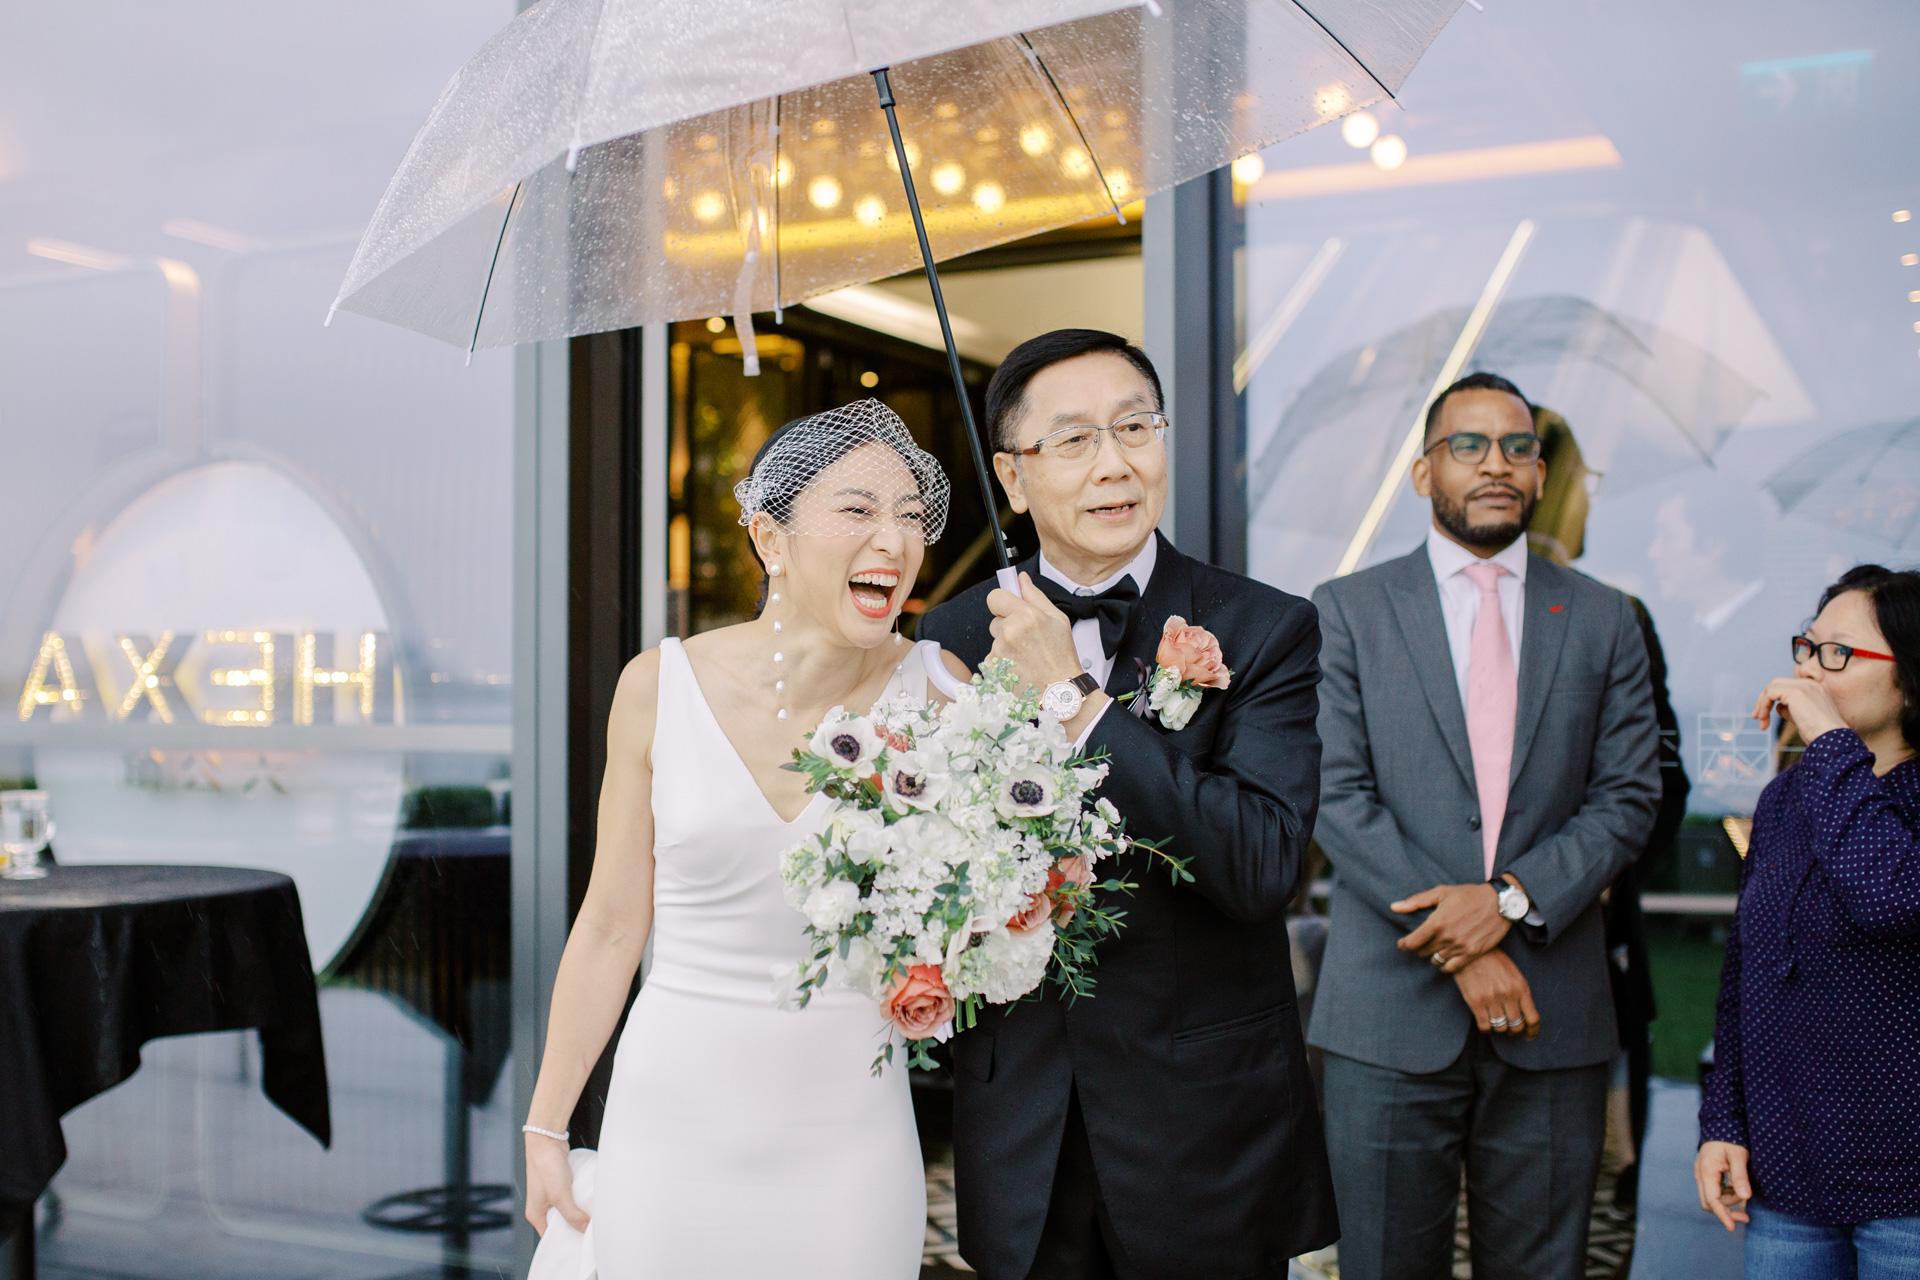 nikkiloveu-hongkong-wedding-day-hexa-ant-cat-lauhaus-022.jpg